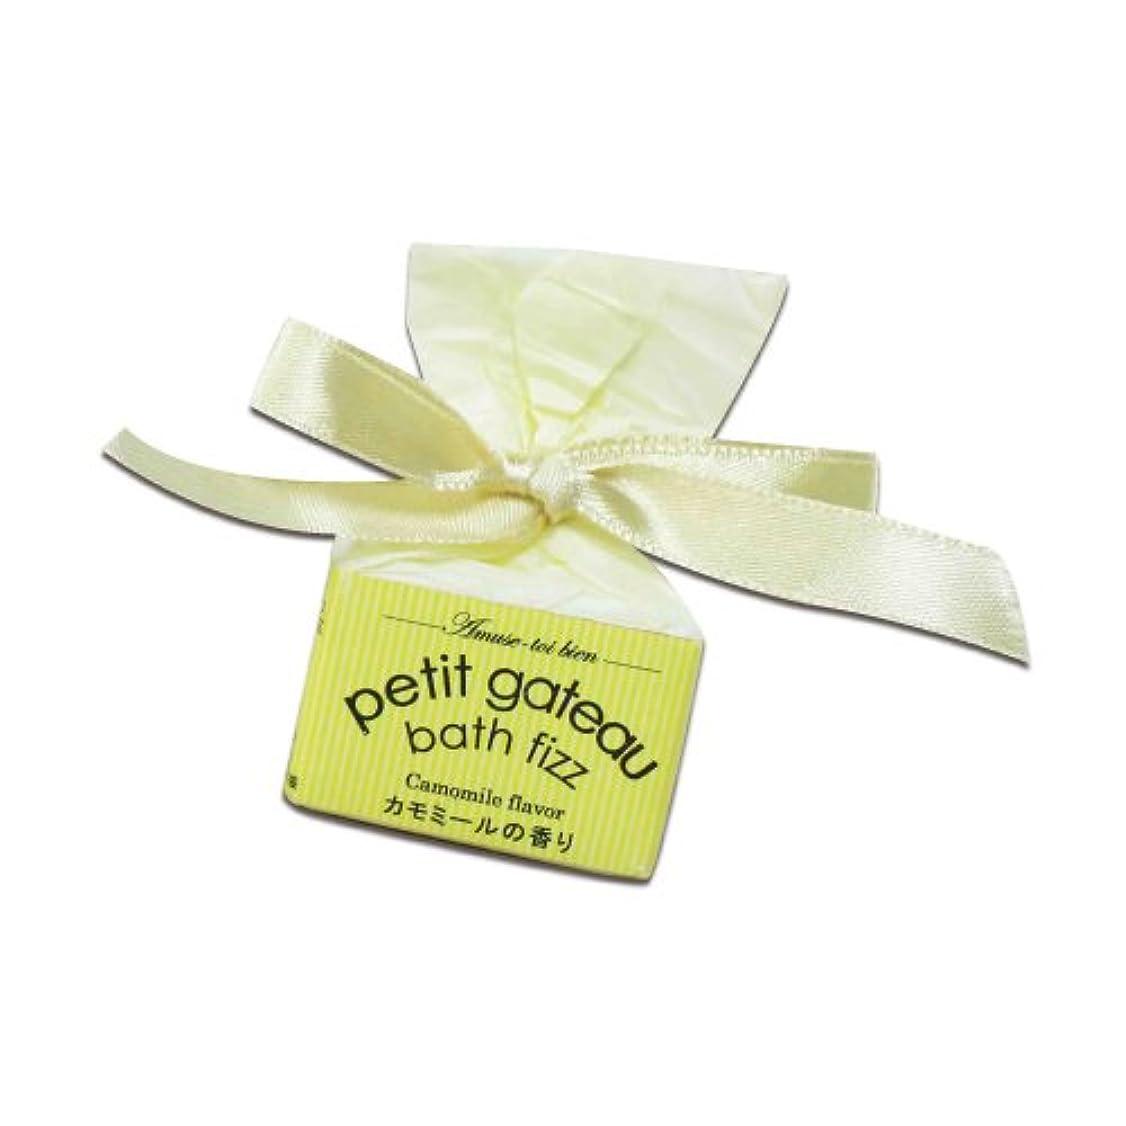 プチガトーバスフィザー カモミールの香り